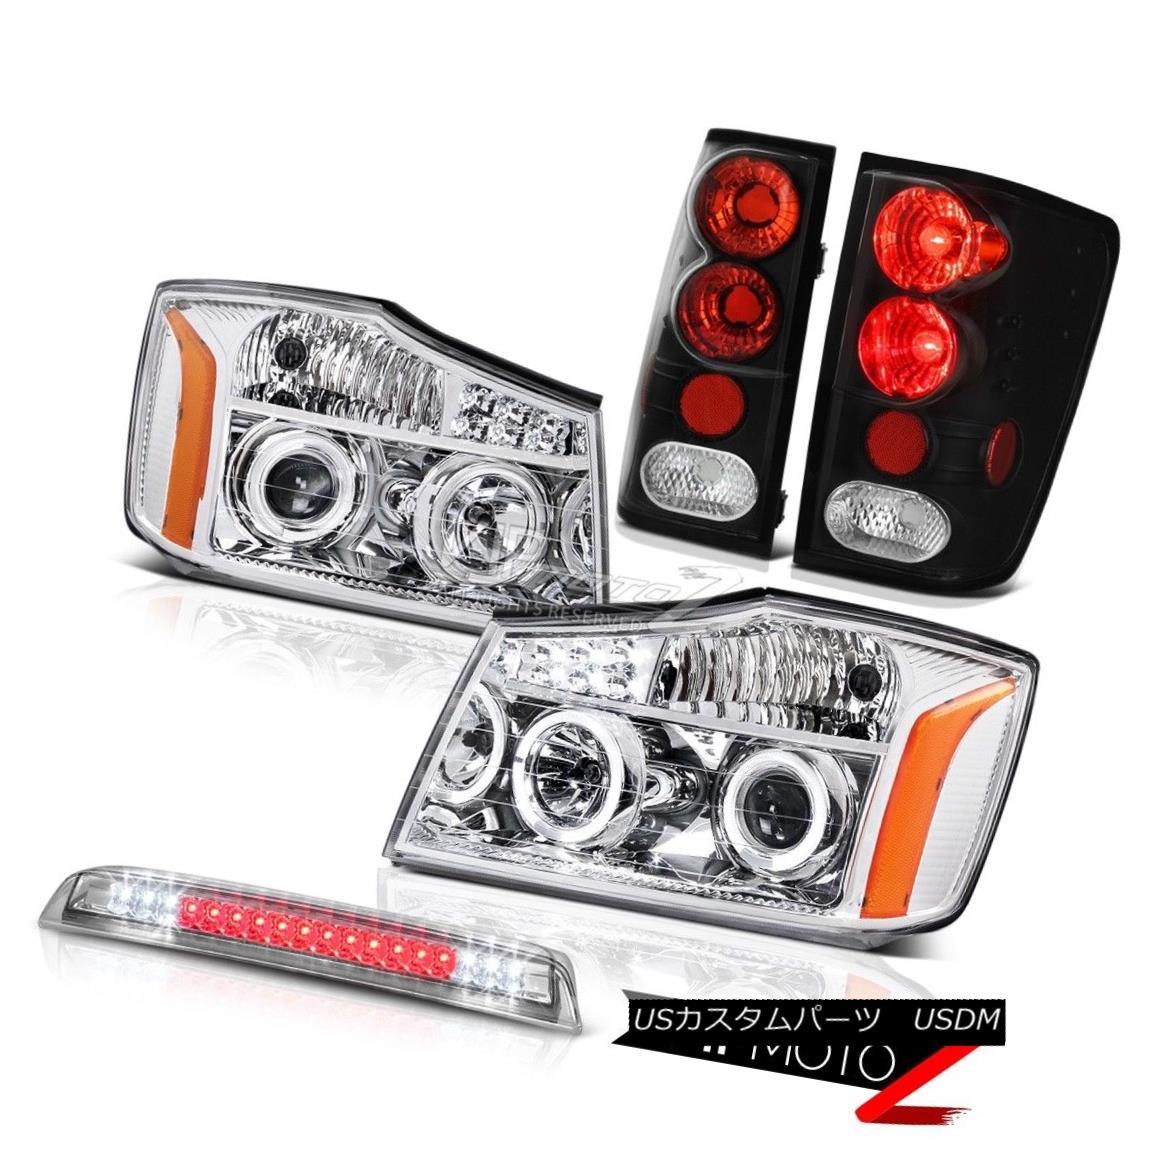 テールライト Clear Angel Eye Headlights Rear Brake Lights Third Cargo LED For 2004-2015 Titan クリアエンジェルアイヘッドライトリアブレーキライト2004年?2015年タイタンの3番目の貨物LED